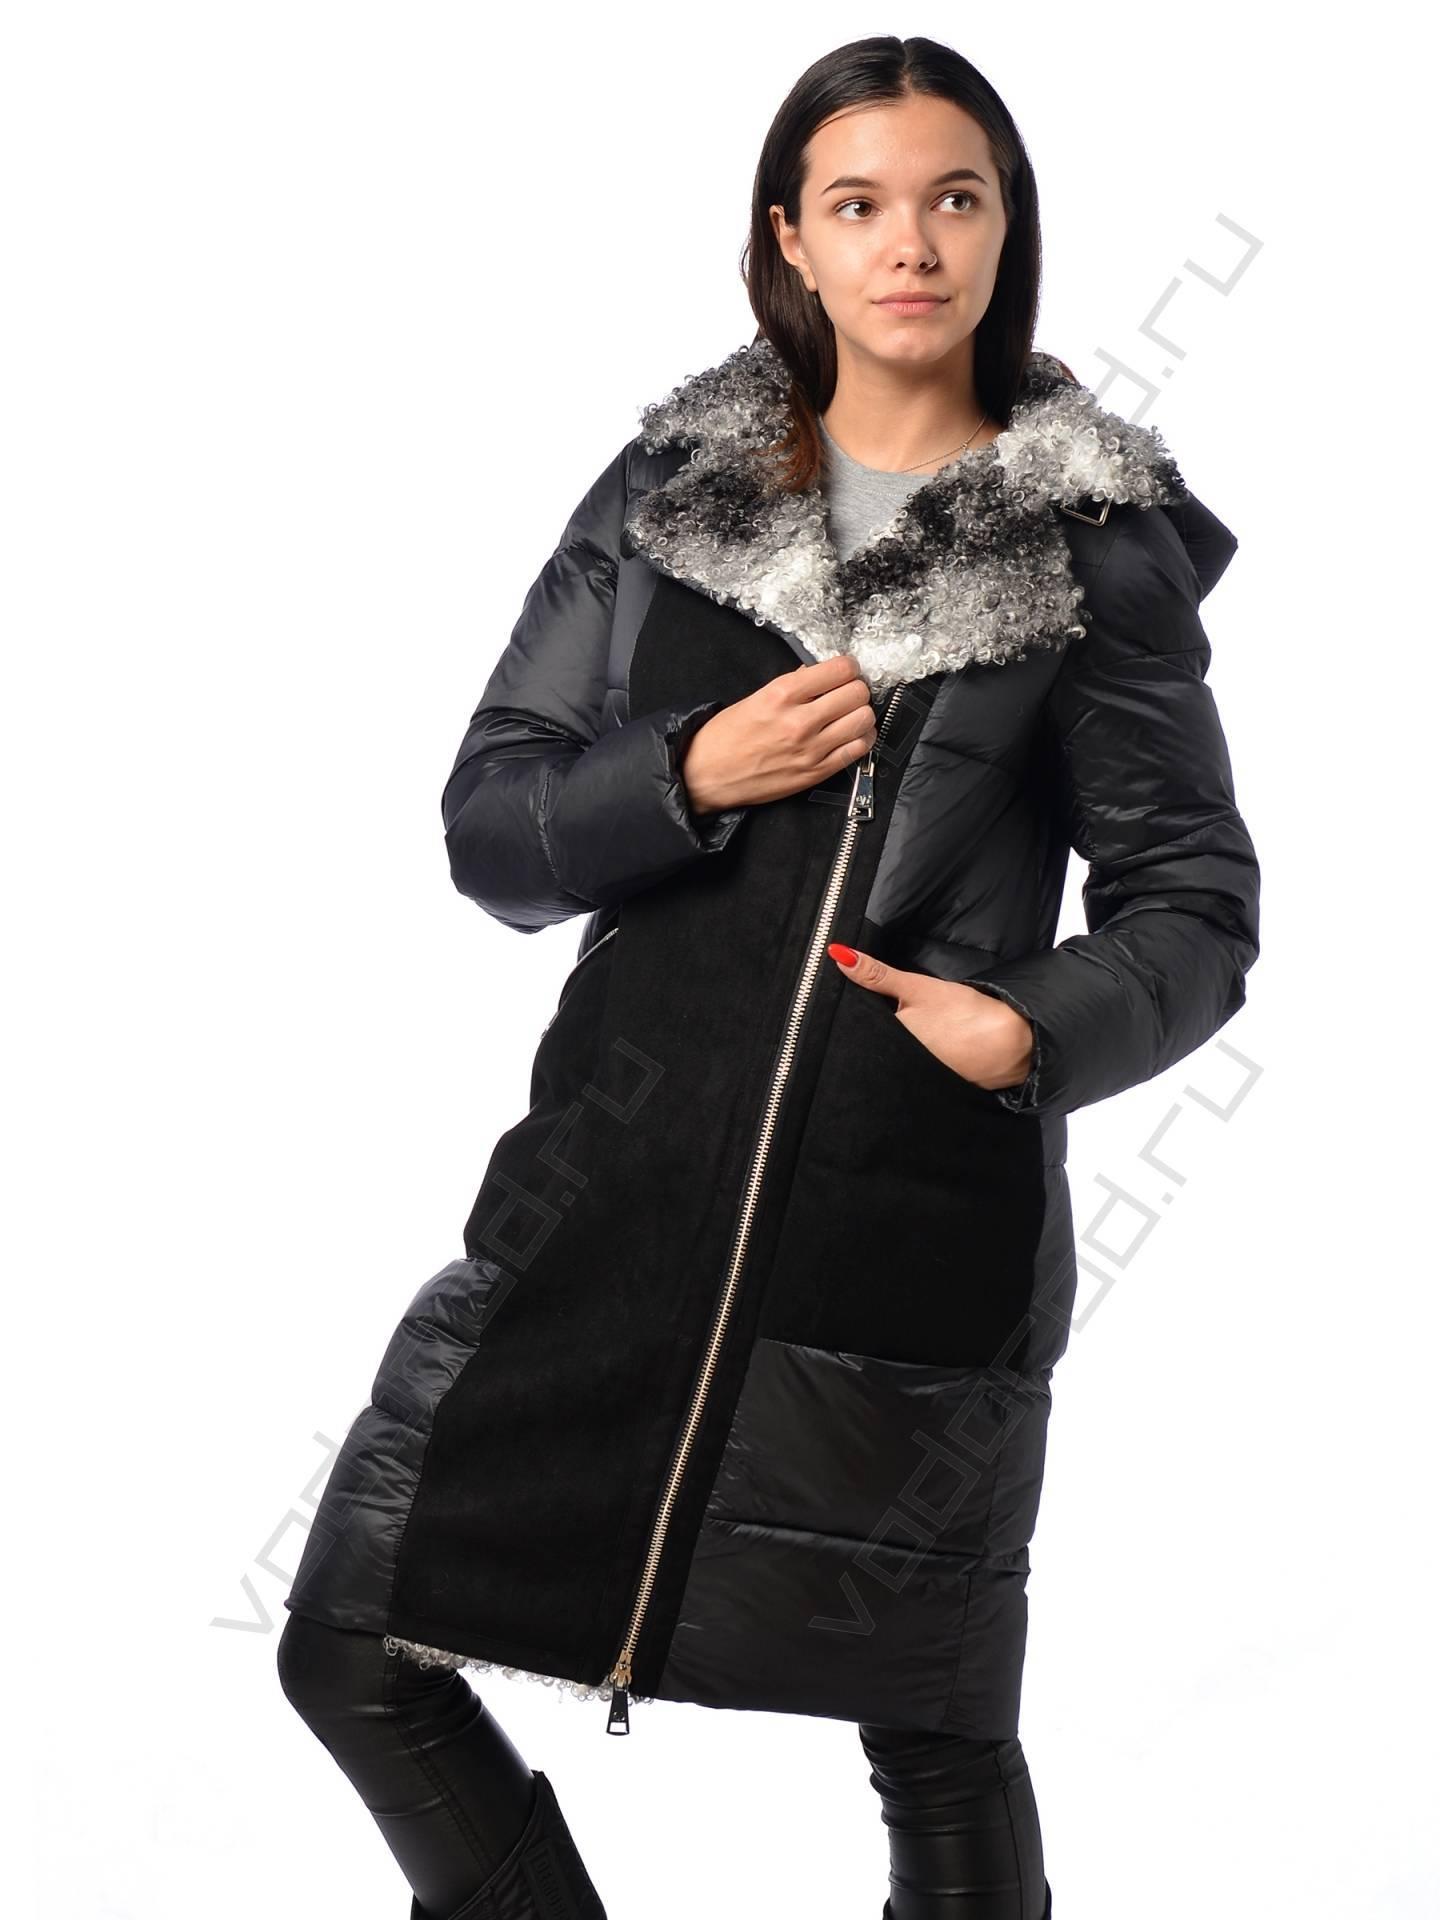 удлиненная женская куртка зимняя EVACANA 21705 (черная)